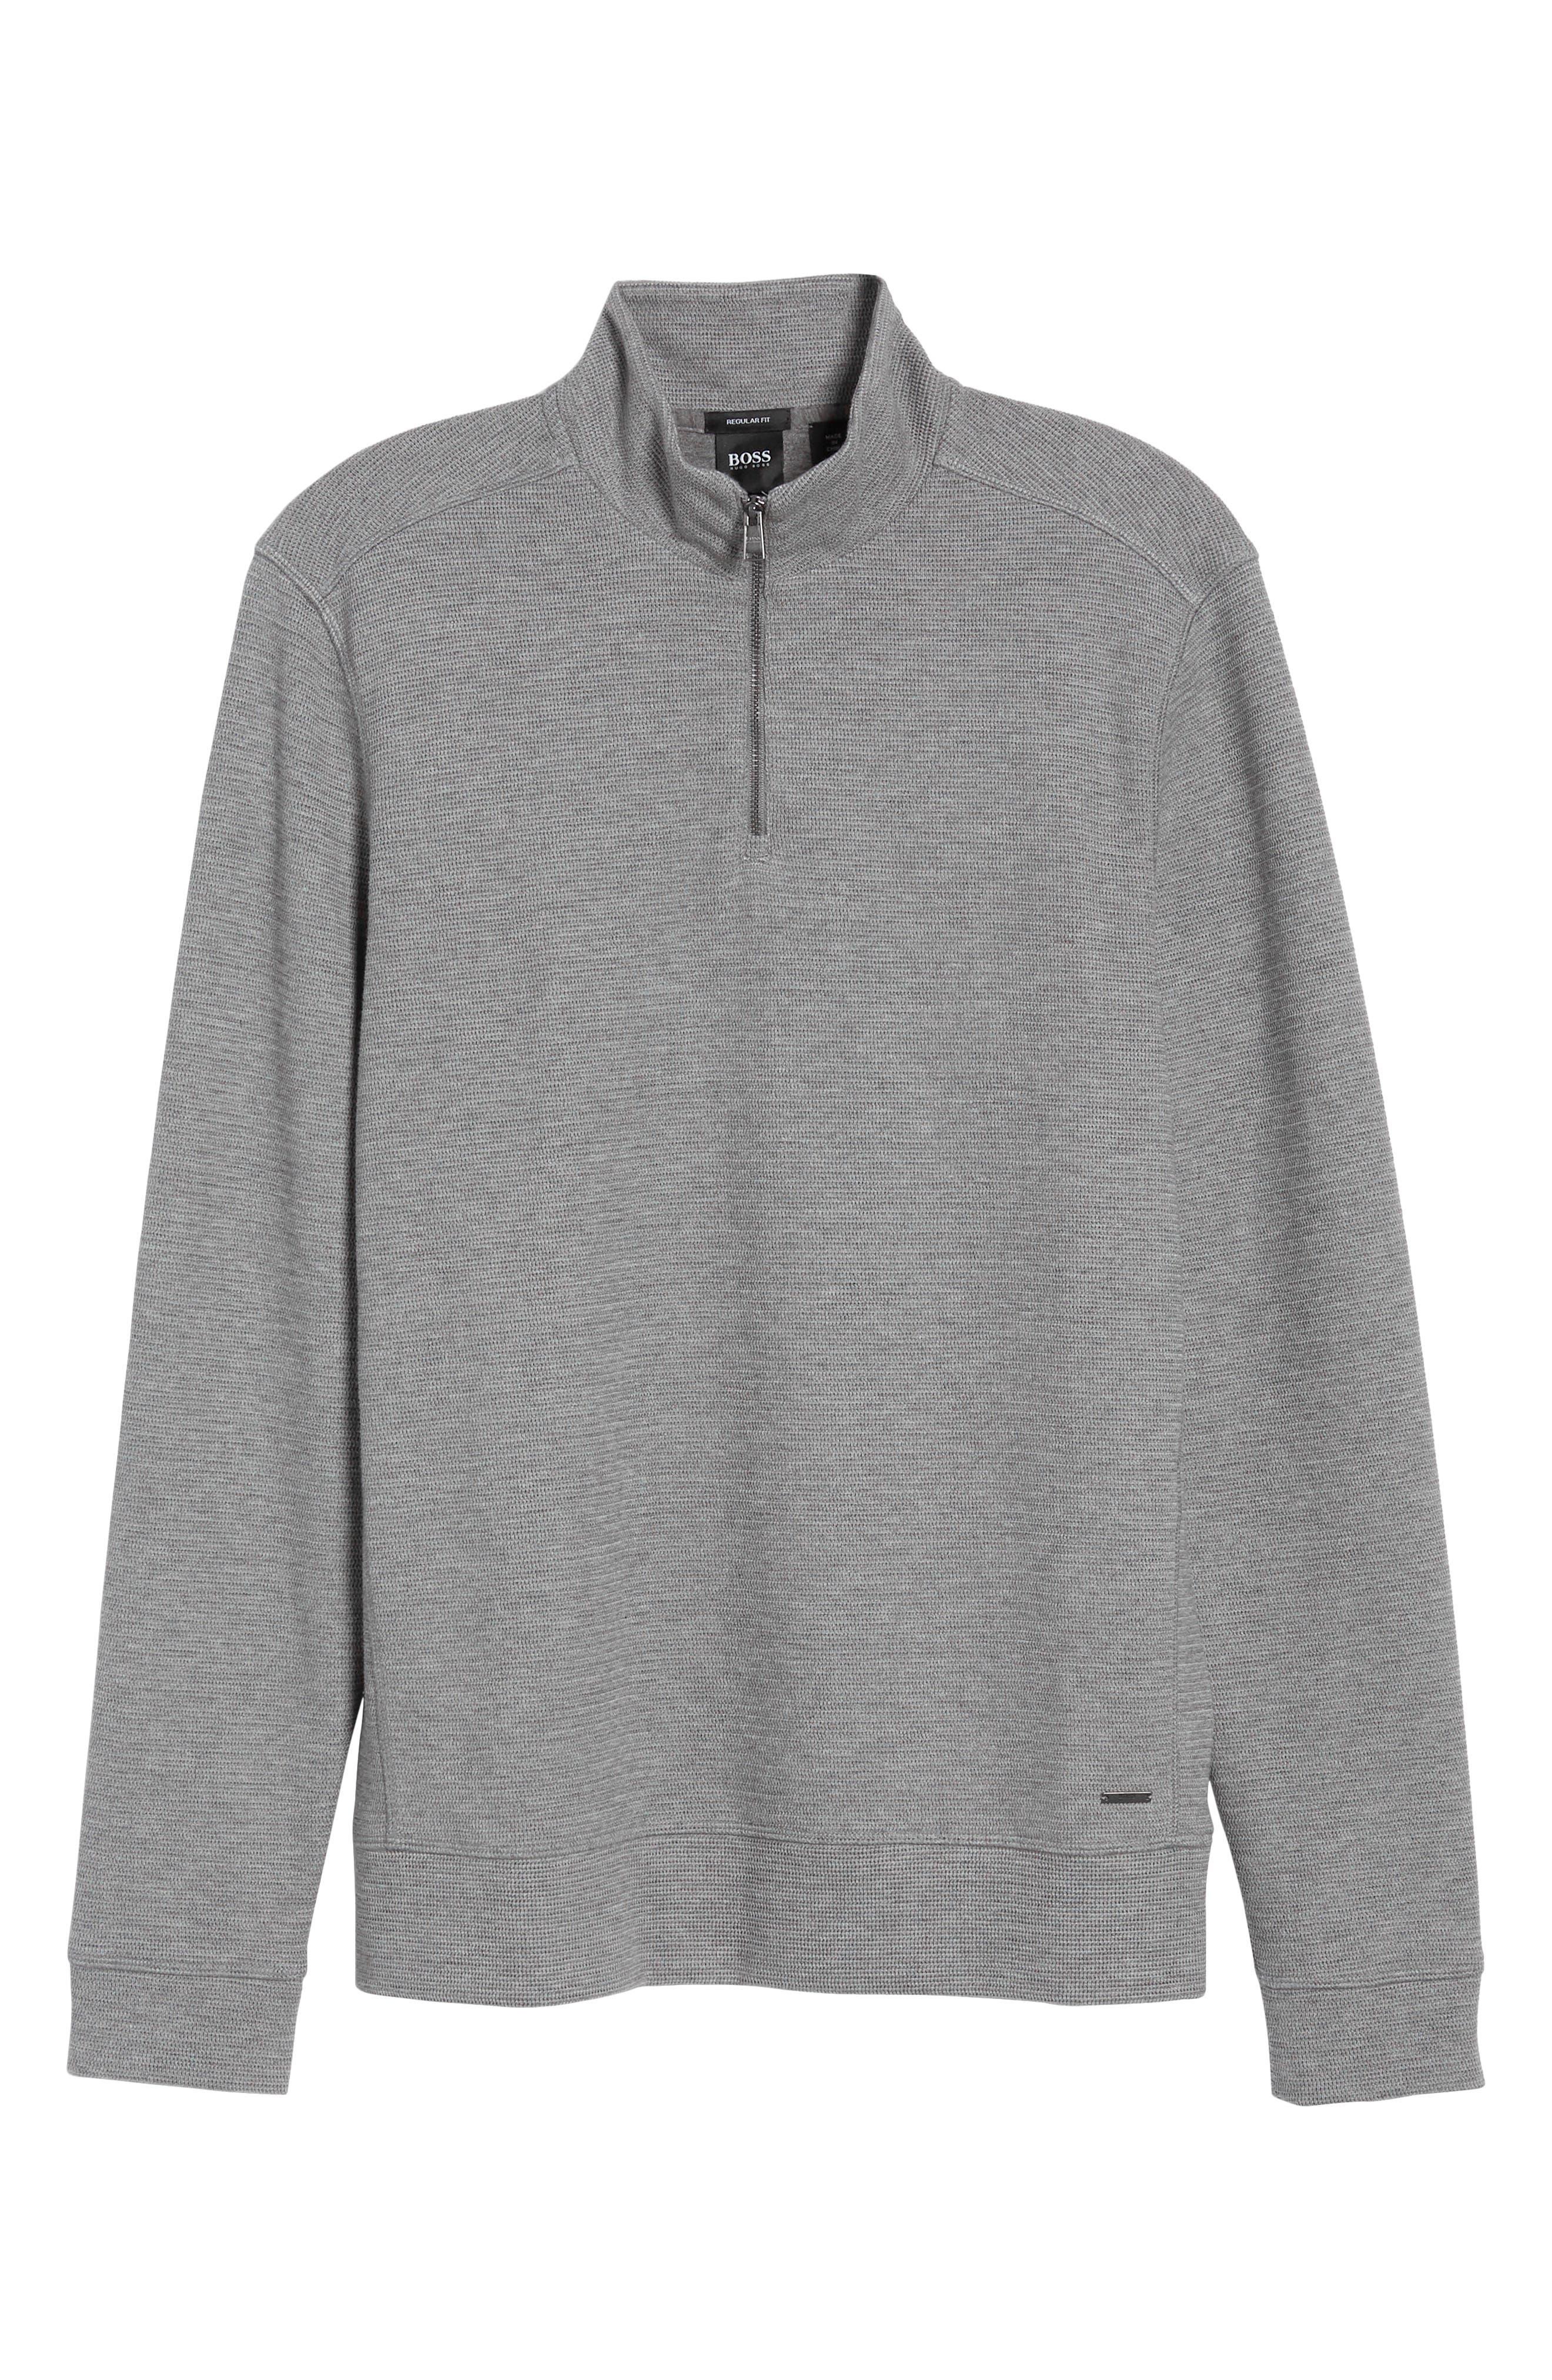 Hugo Boss Regular Fit Sidney Quarter Zip Pullover,                             Alternate thumbnail 6, color,                             Grey